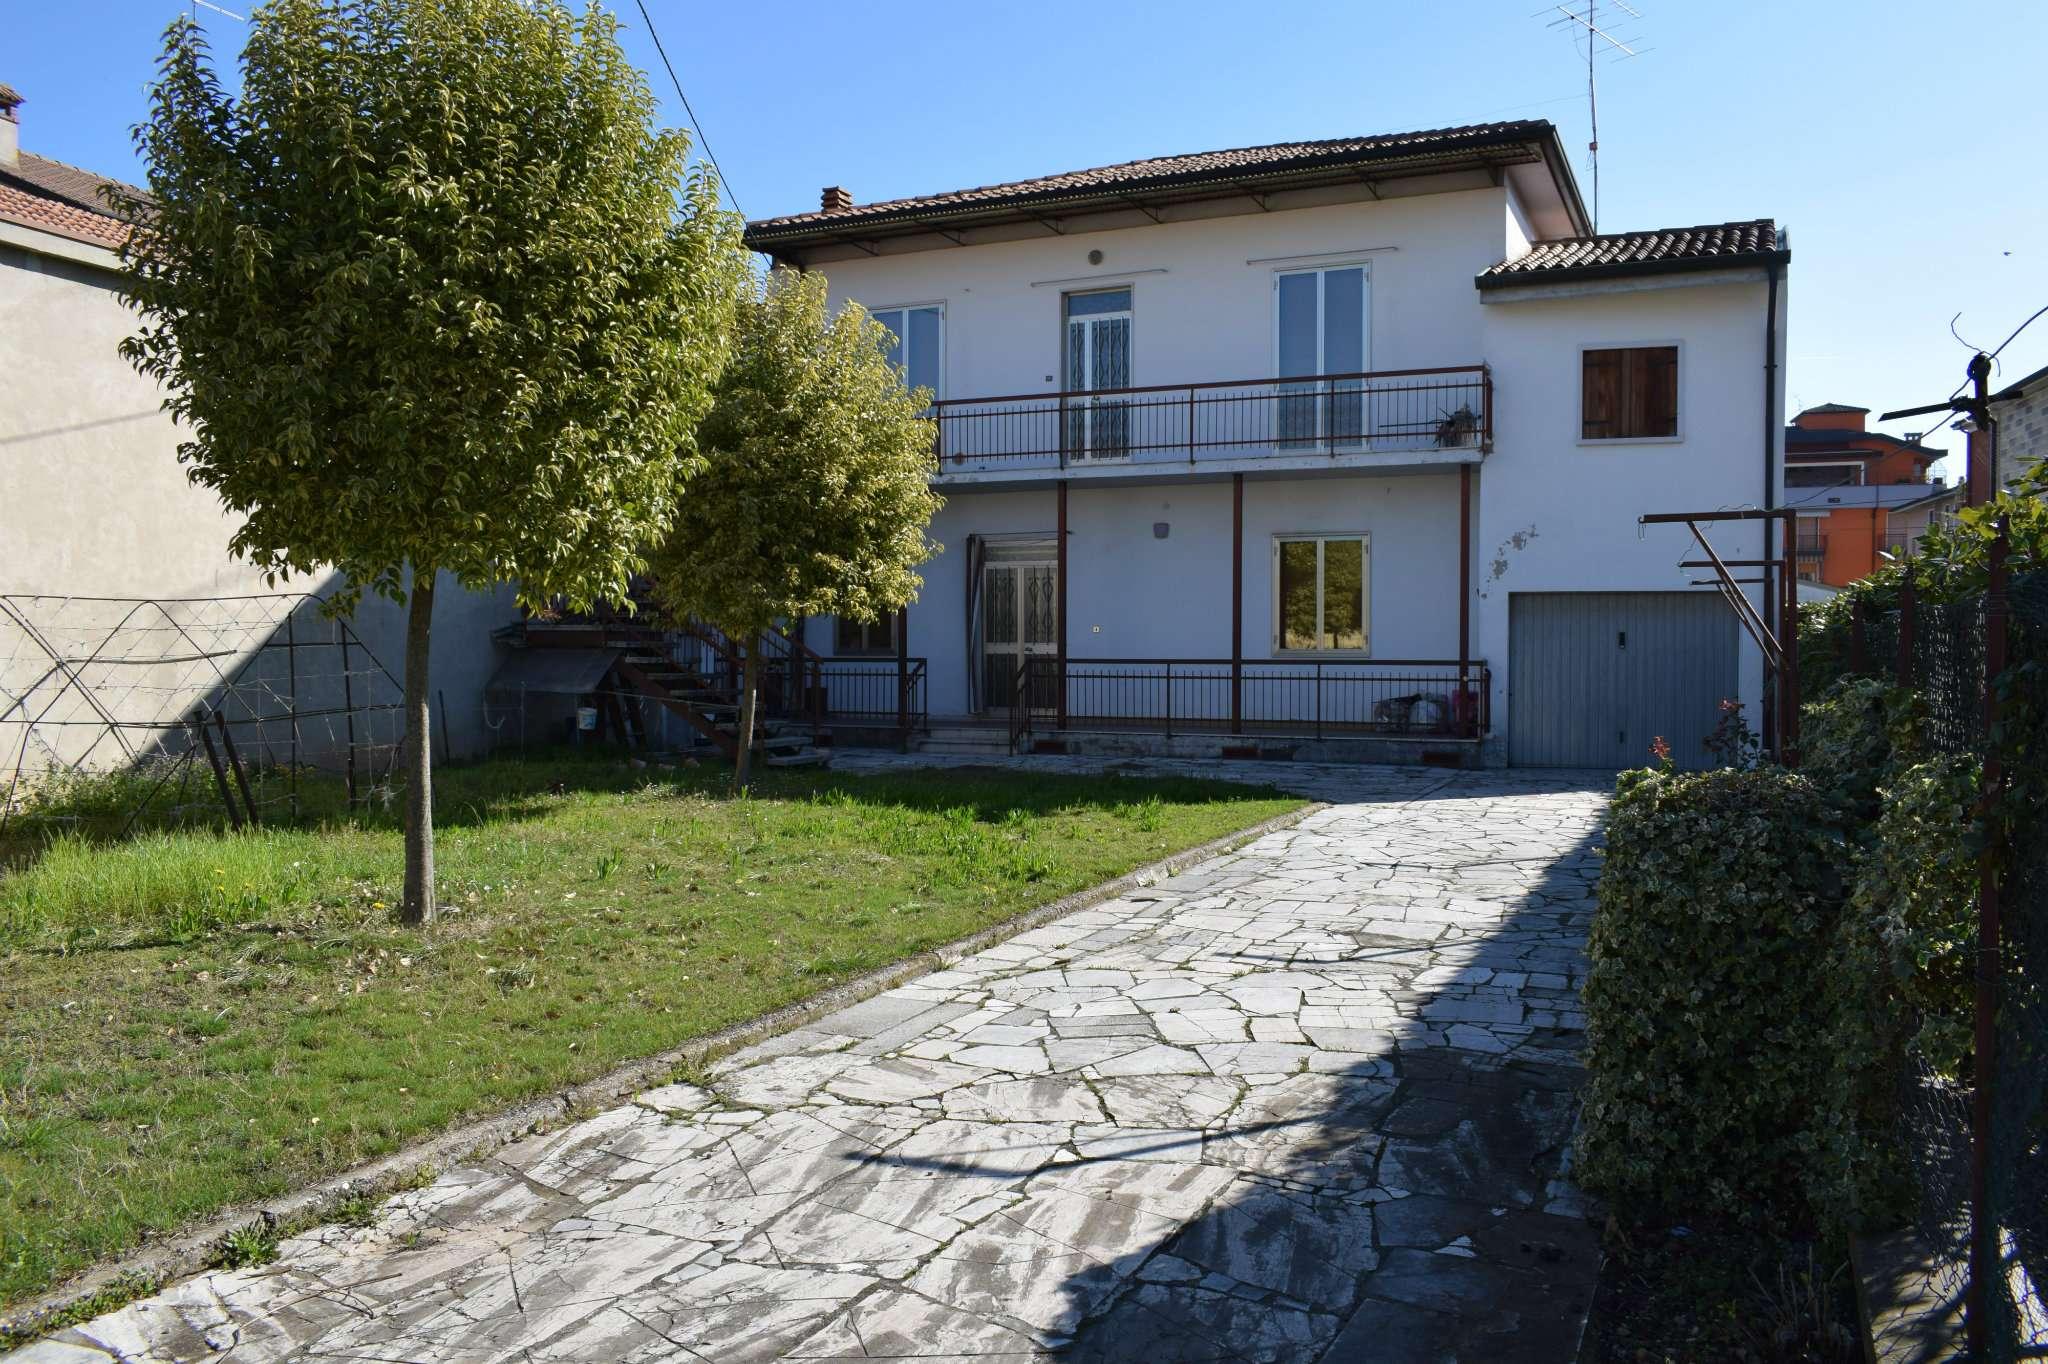 Appartamento in vendita a Sona, 9 locali, prezzo € 320.000 | PortaleAgenzieImmobiliari.it